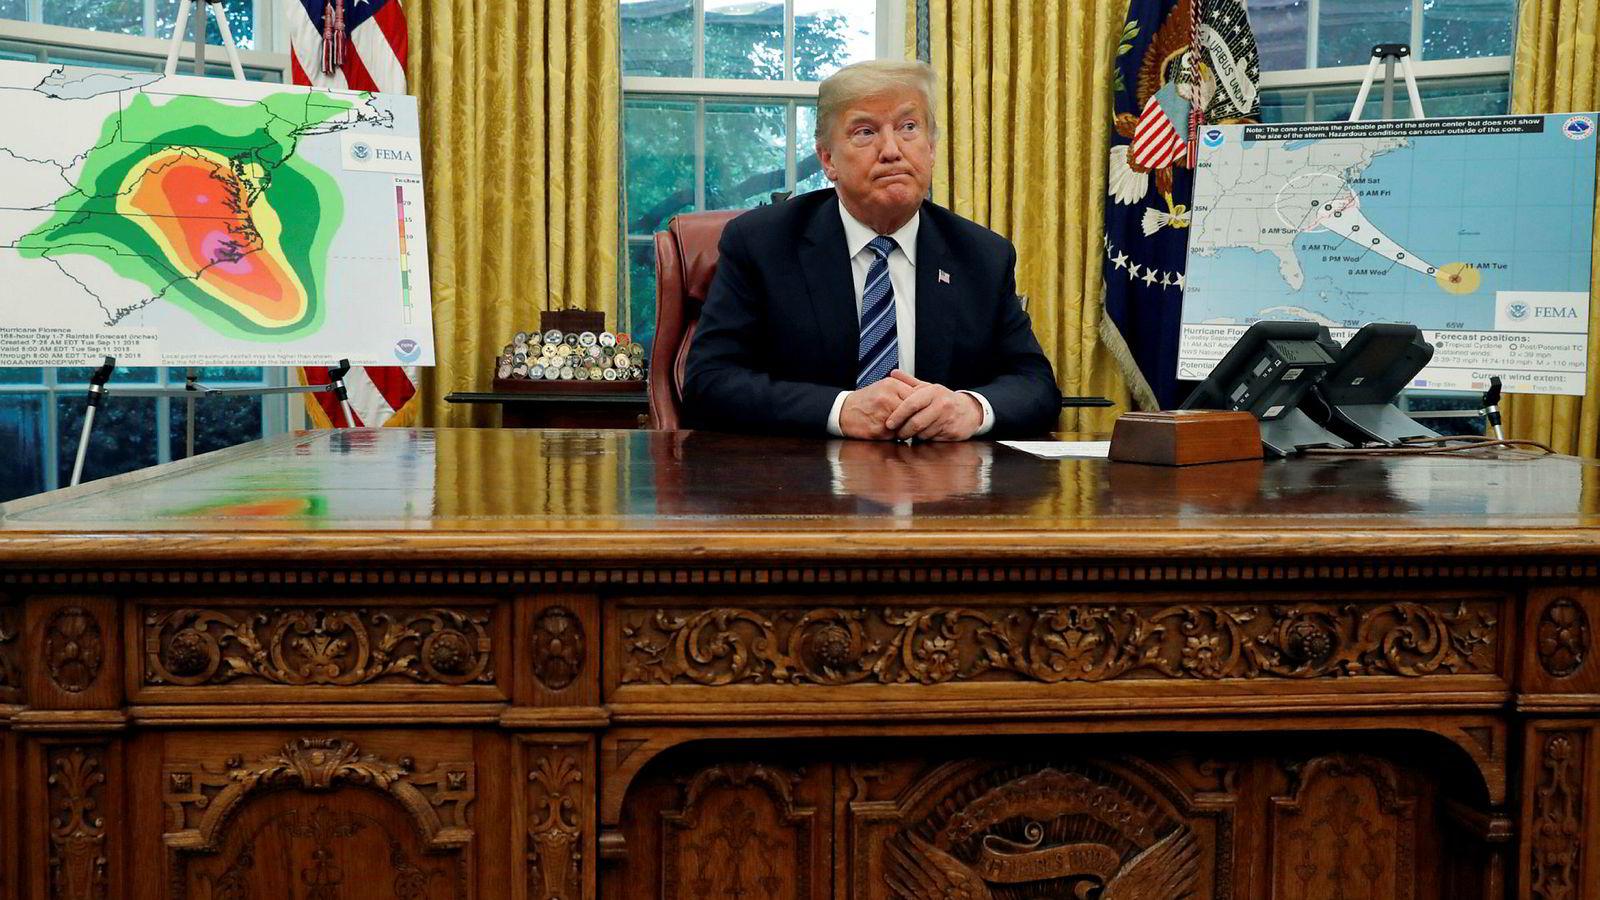 Det etterforskes om et brev sendt til president Donald Trump kan ha inneholdt gift.